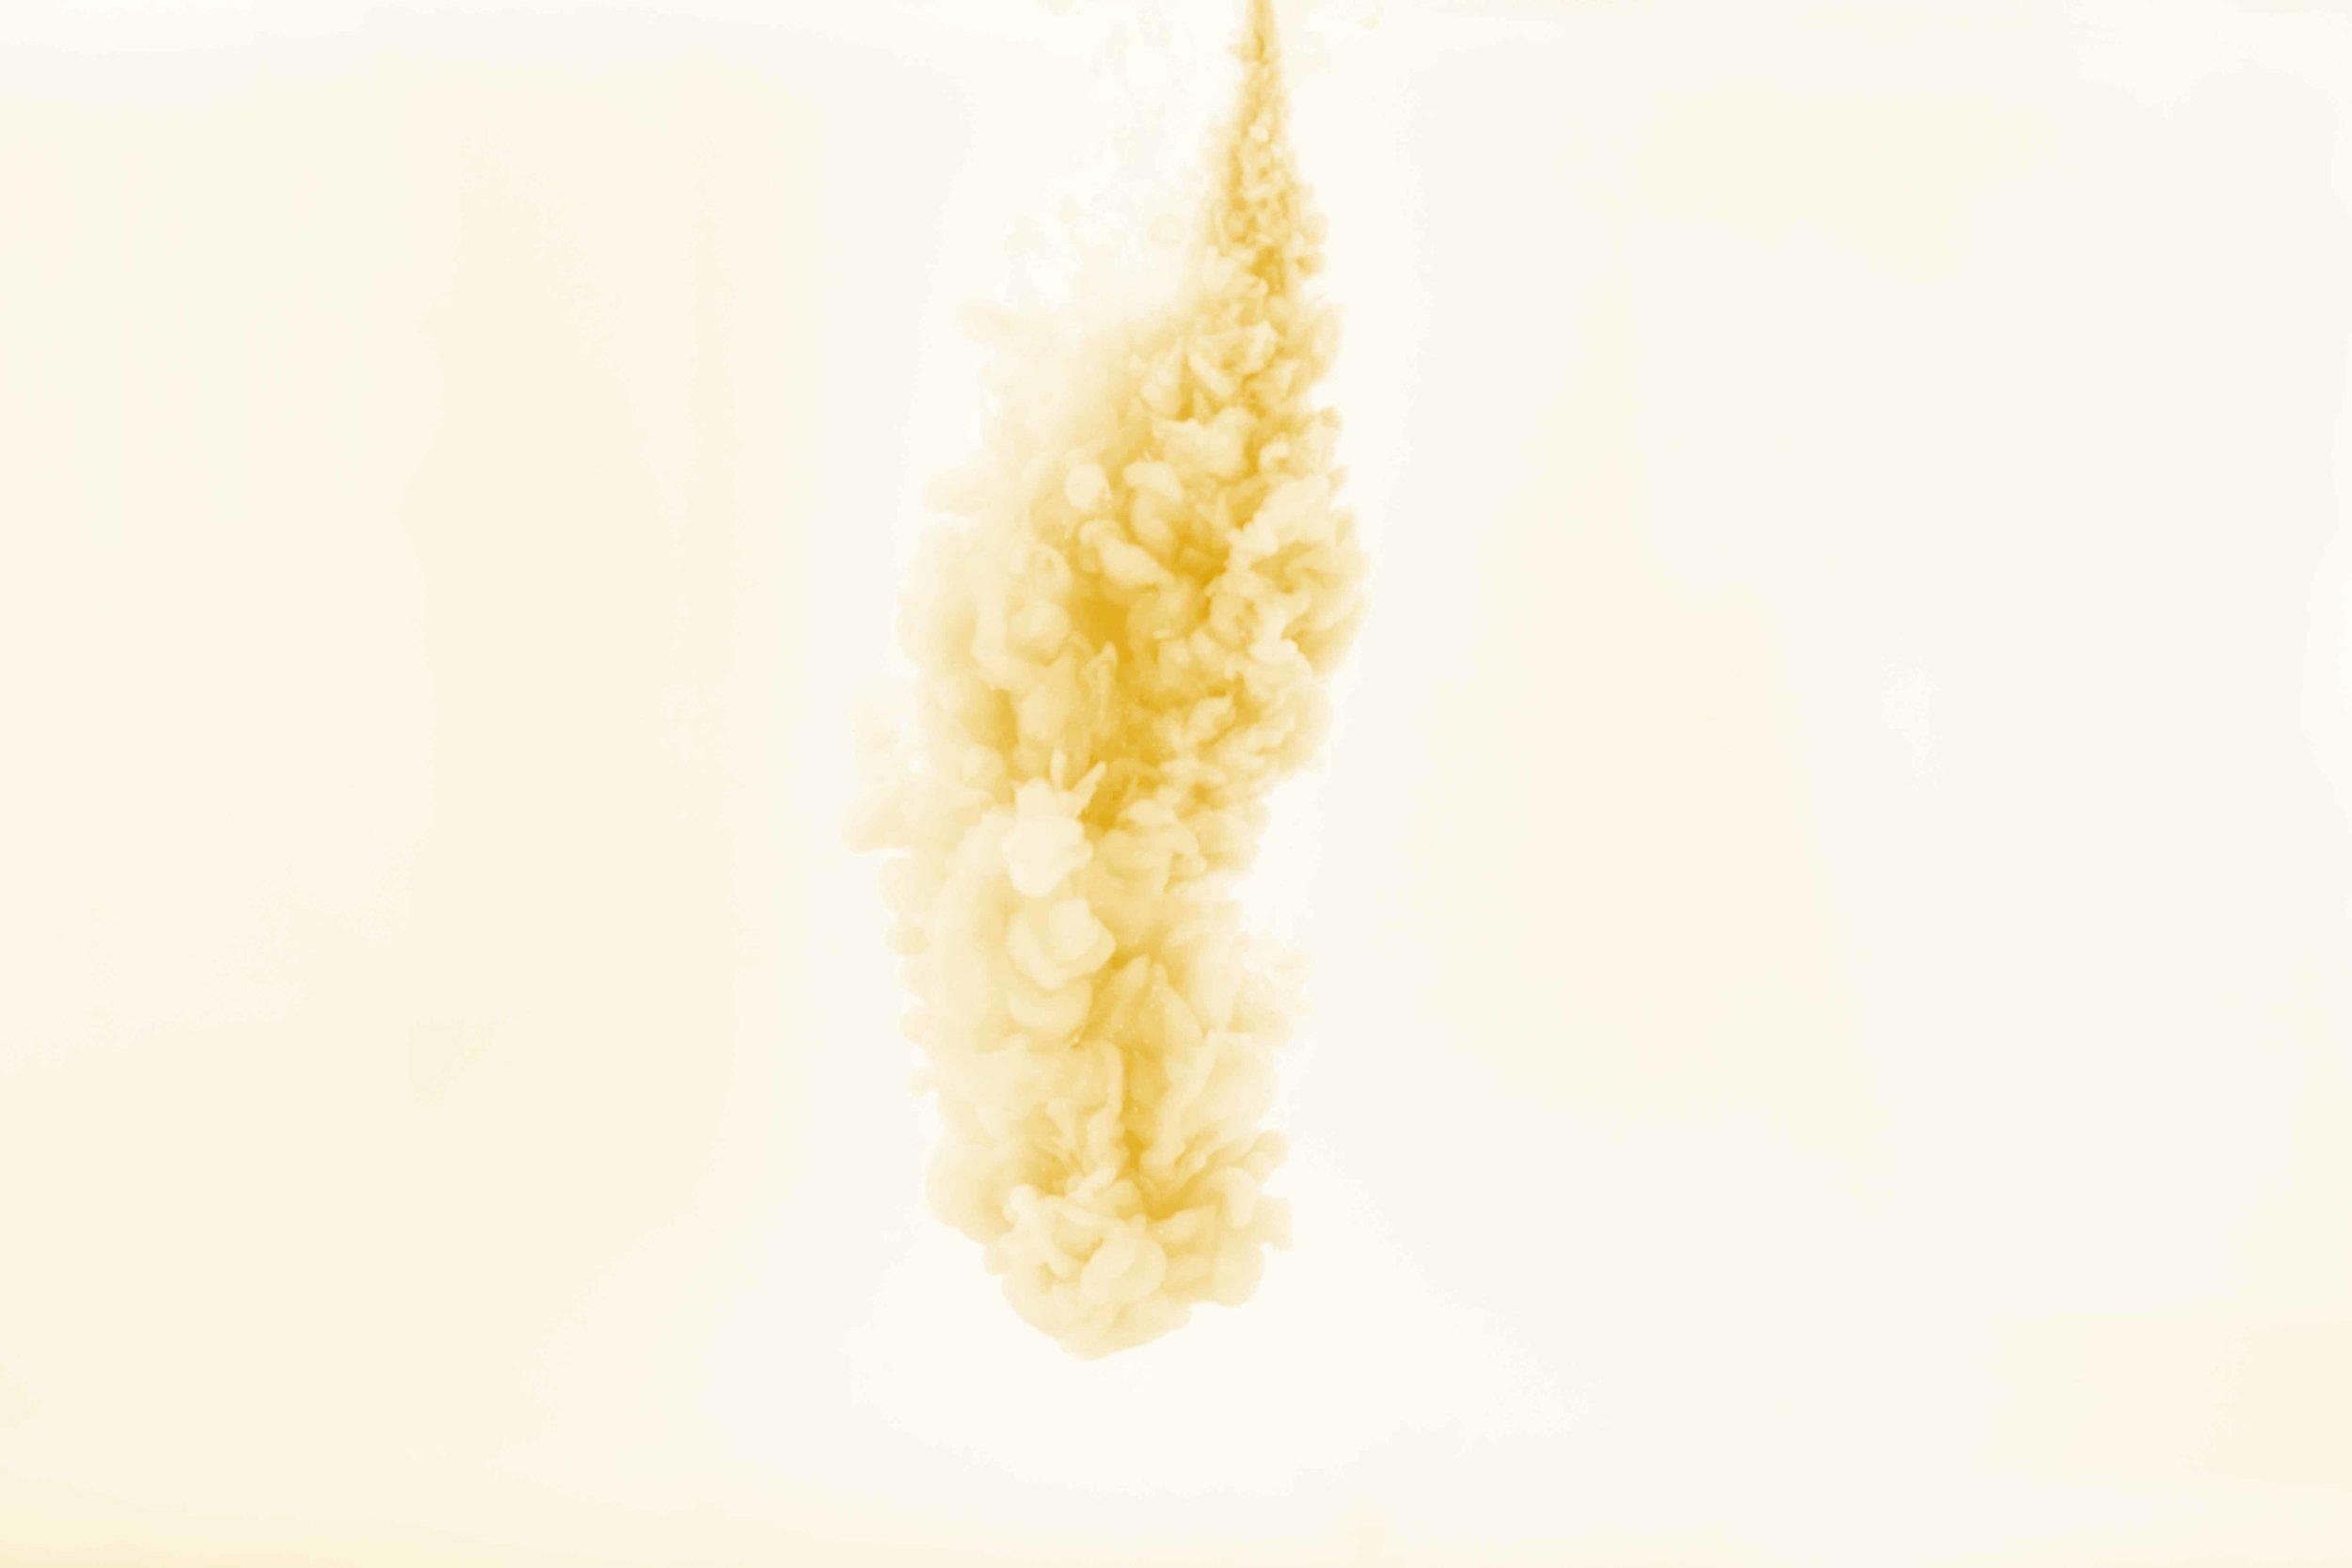 Révolutionnons ensemble la beauté et le bien-être au naturel - Les Petites Essentielles ont une ambition : simplifier l'utilisation des huiles essentielles pour vous rapprocher de votre nature.Notre savoir-faire repose sur l'expertise scientifique d'un diagnostic élaboré et personnaliséconduisant à des compositions d'huiles essentielles sur-mesure prêtes à l'emploi.